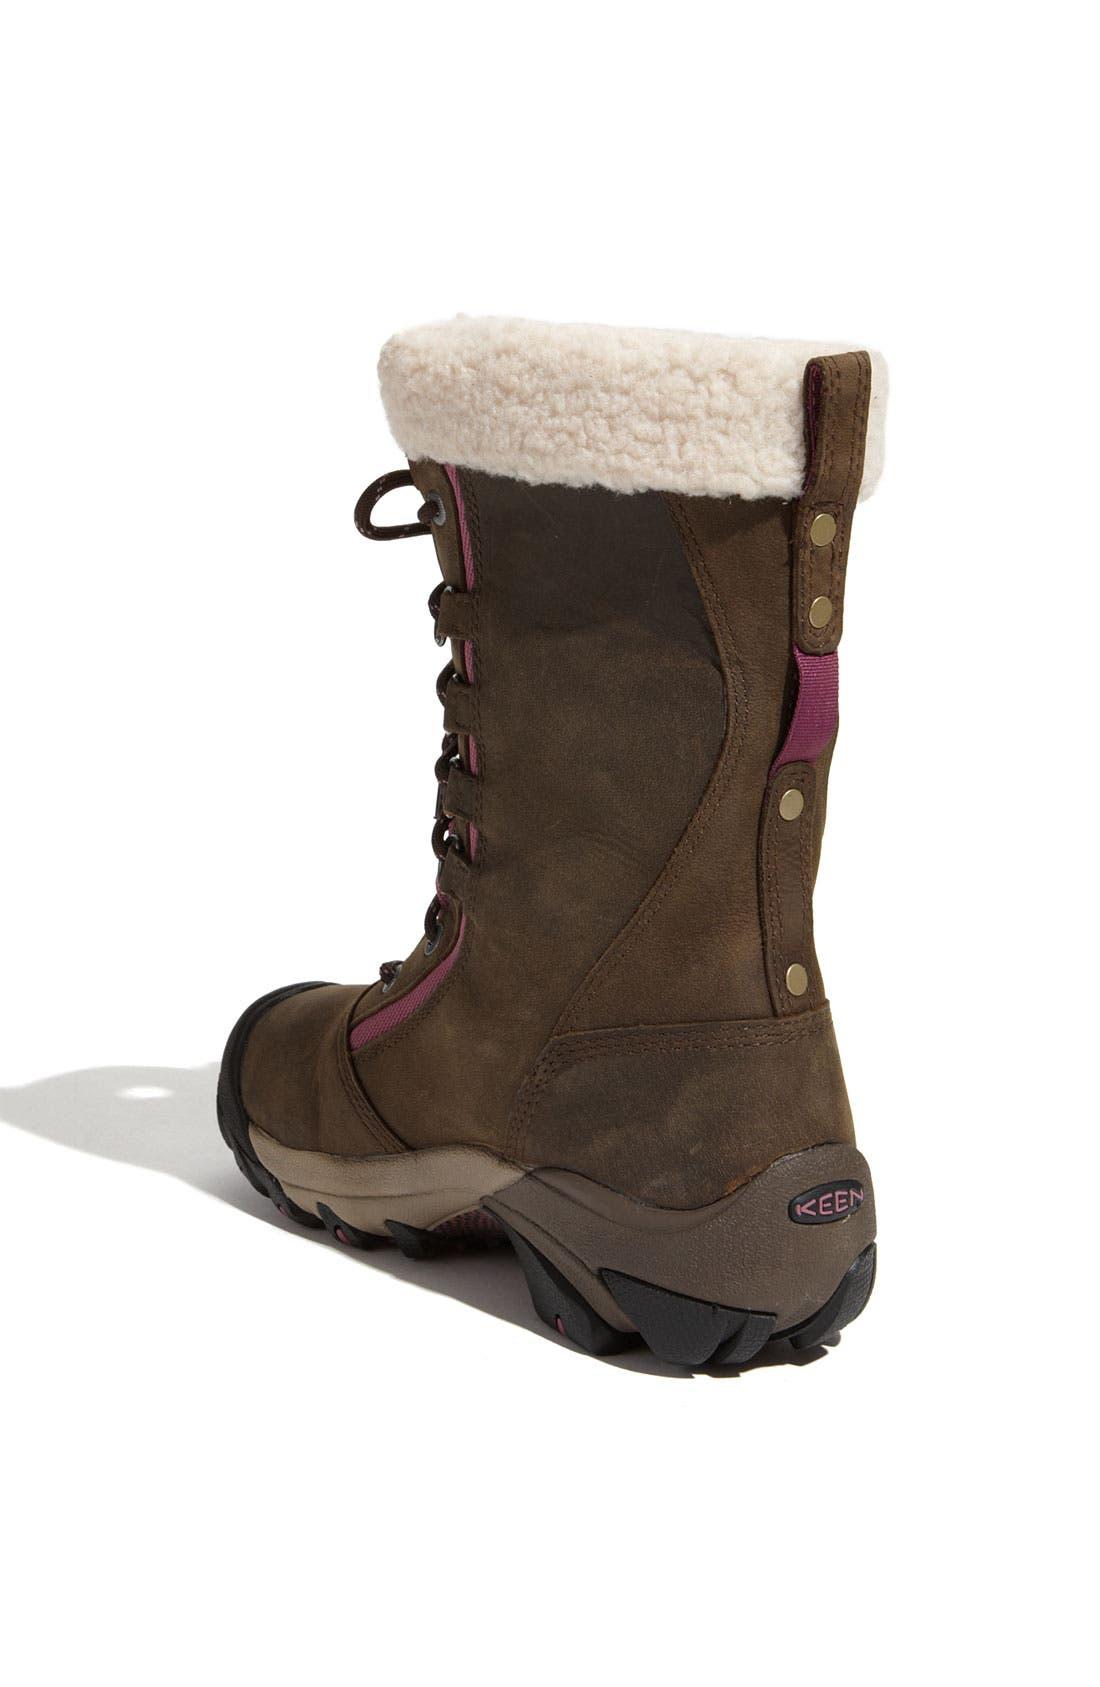 Alternate Image 2  - Keen 'Hoodoo' Waterproof Nubuck Leather Boot